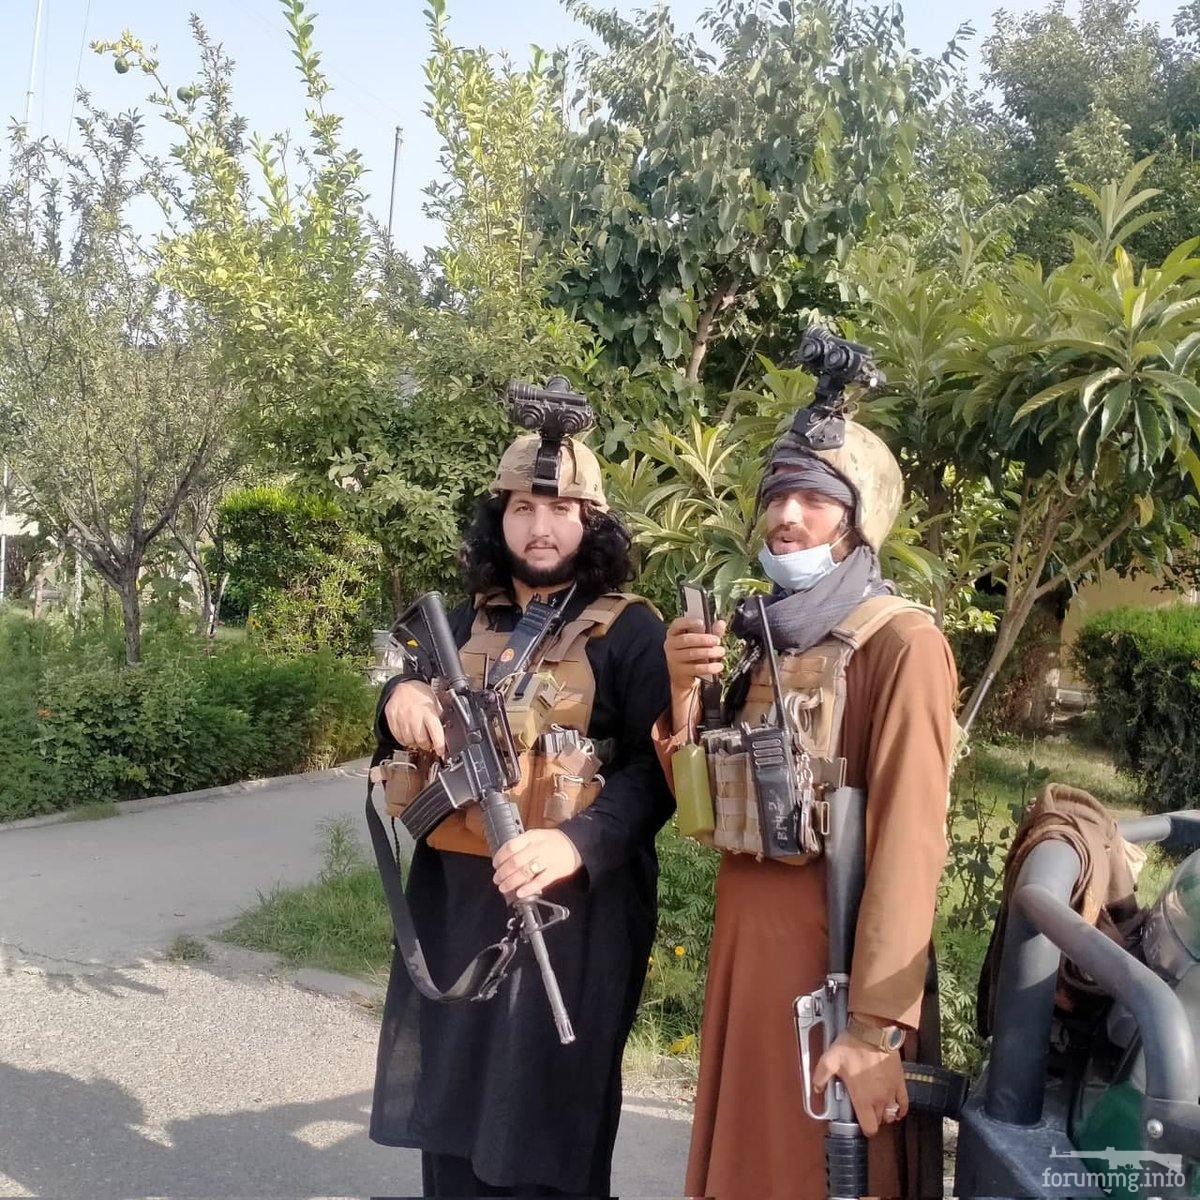 137653 - Вовчики и Юрчики - события в Центральной Азии